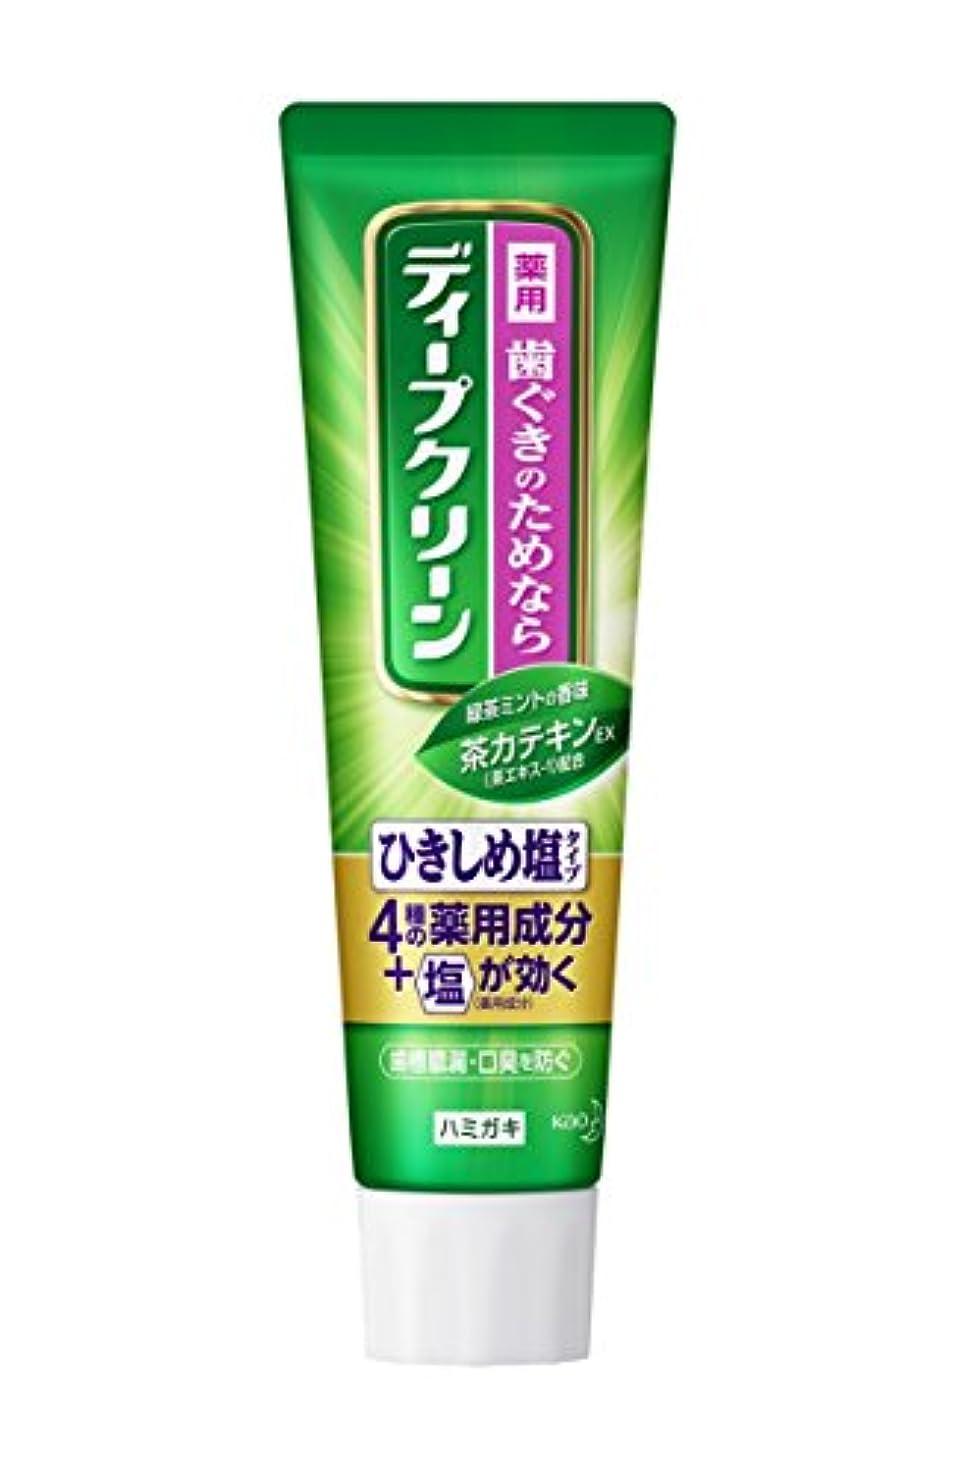 やさしくルームディープクリーン 薬用ハミガキ ひきしめ塩 100g